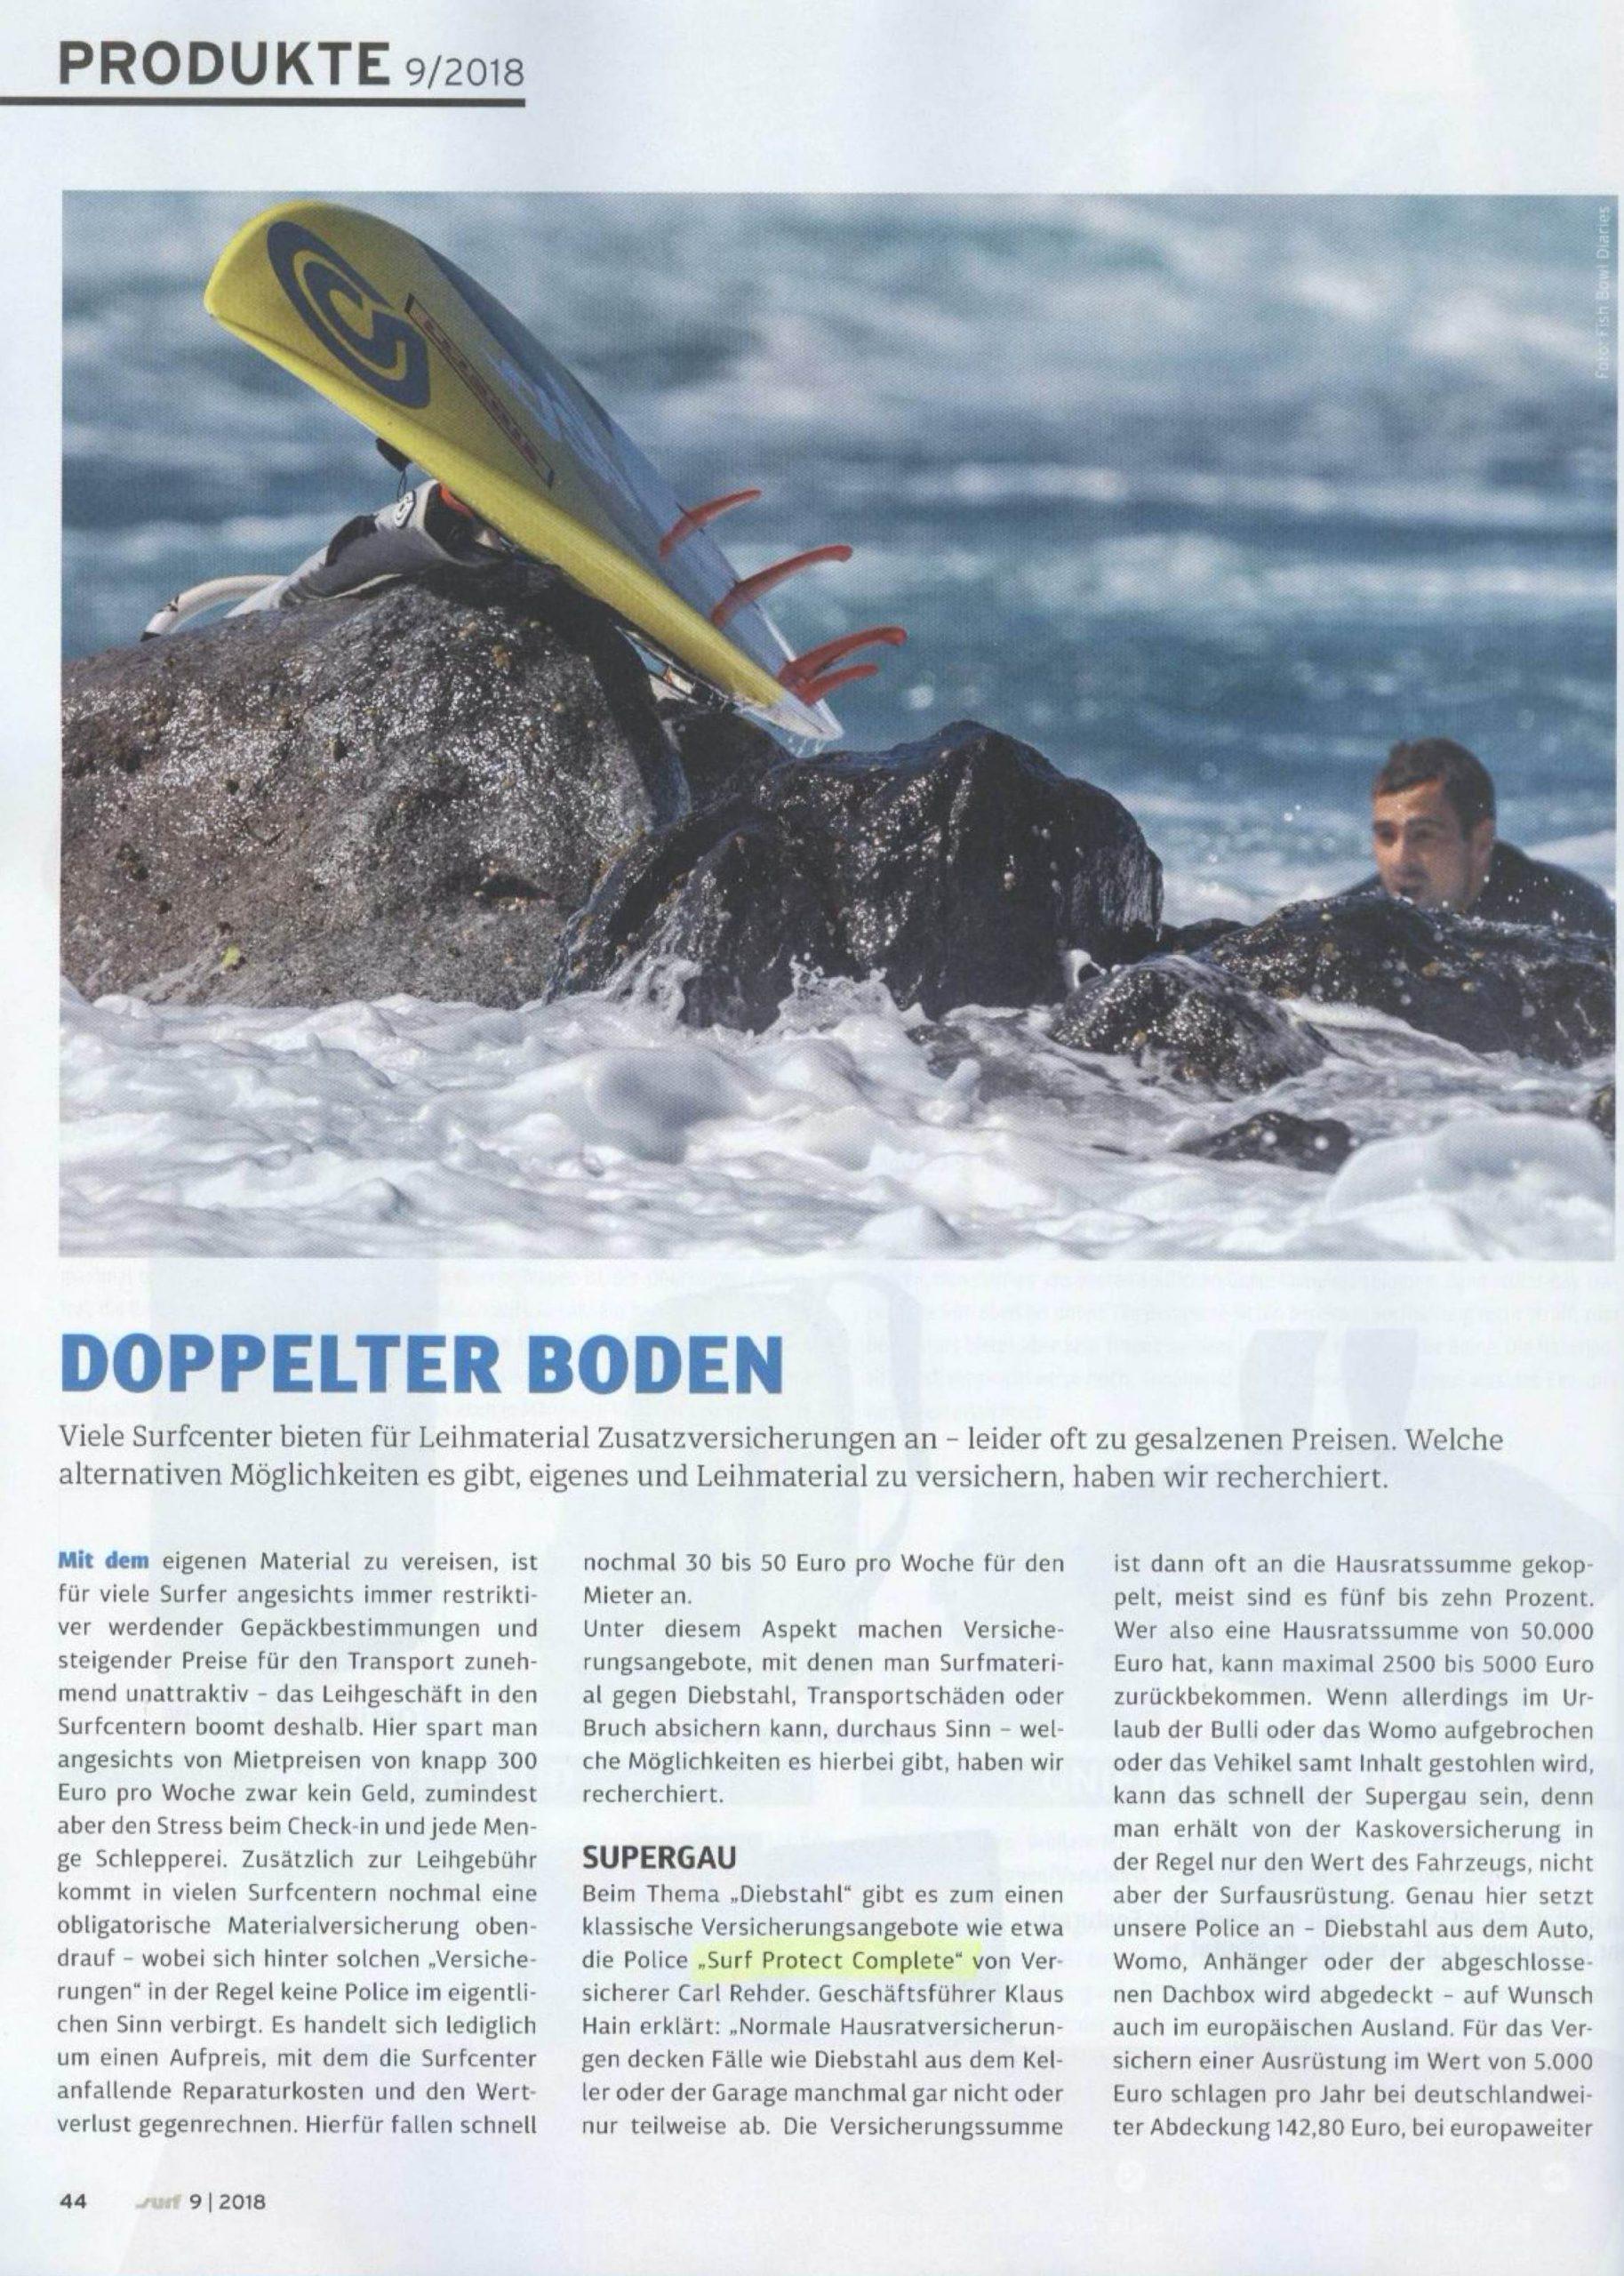 Doppelter Boden für Ihr Surf-Equipment – die Diebstahlversicherung